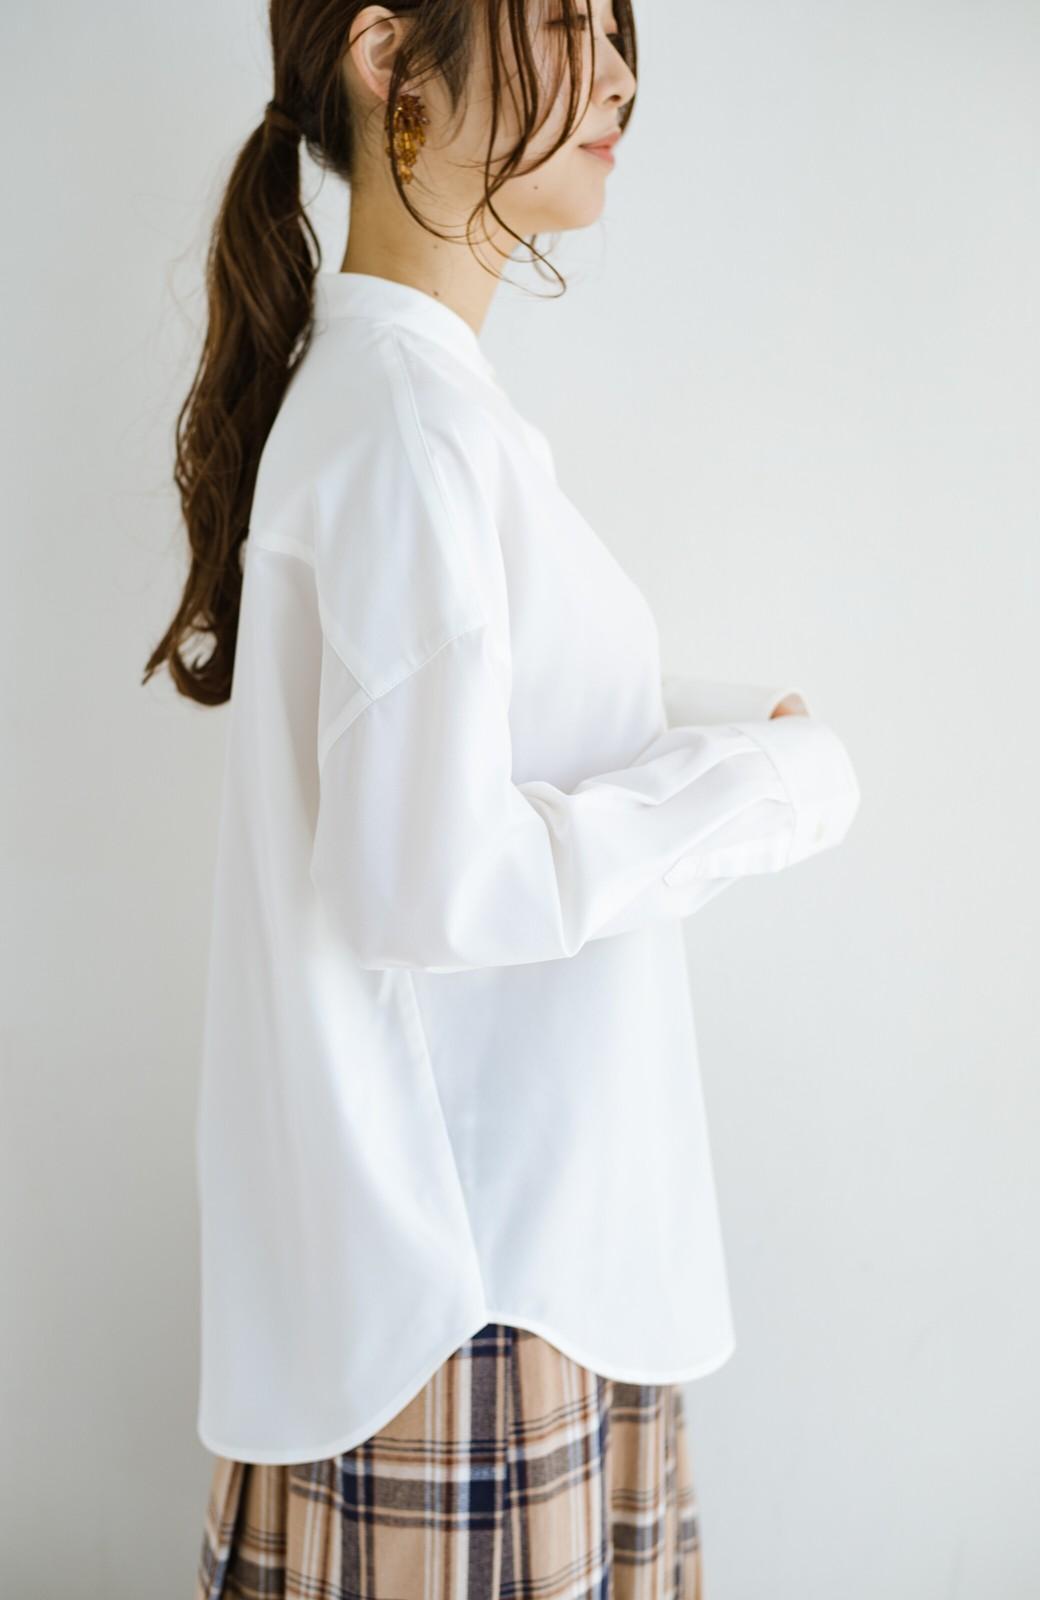 haco! 【肩幅党】あの大人気白シャツが進化!華奢見せ計算済みのVネックニットがさらに冬おしゃれを後押し! 第一印象おまかせあれ!の便利なシャツ&ニットセット <ブルーグリーン>の商品写真12